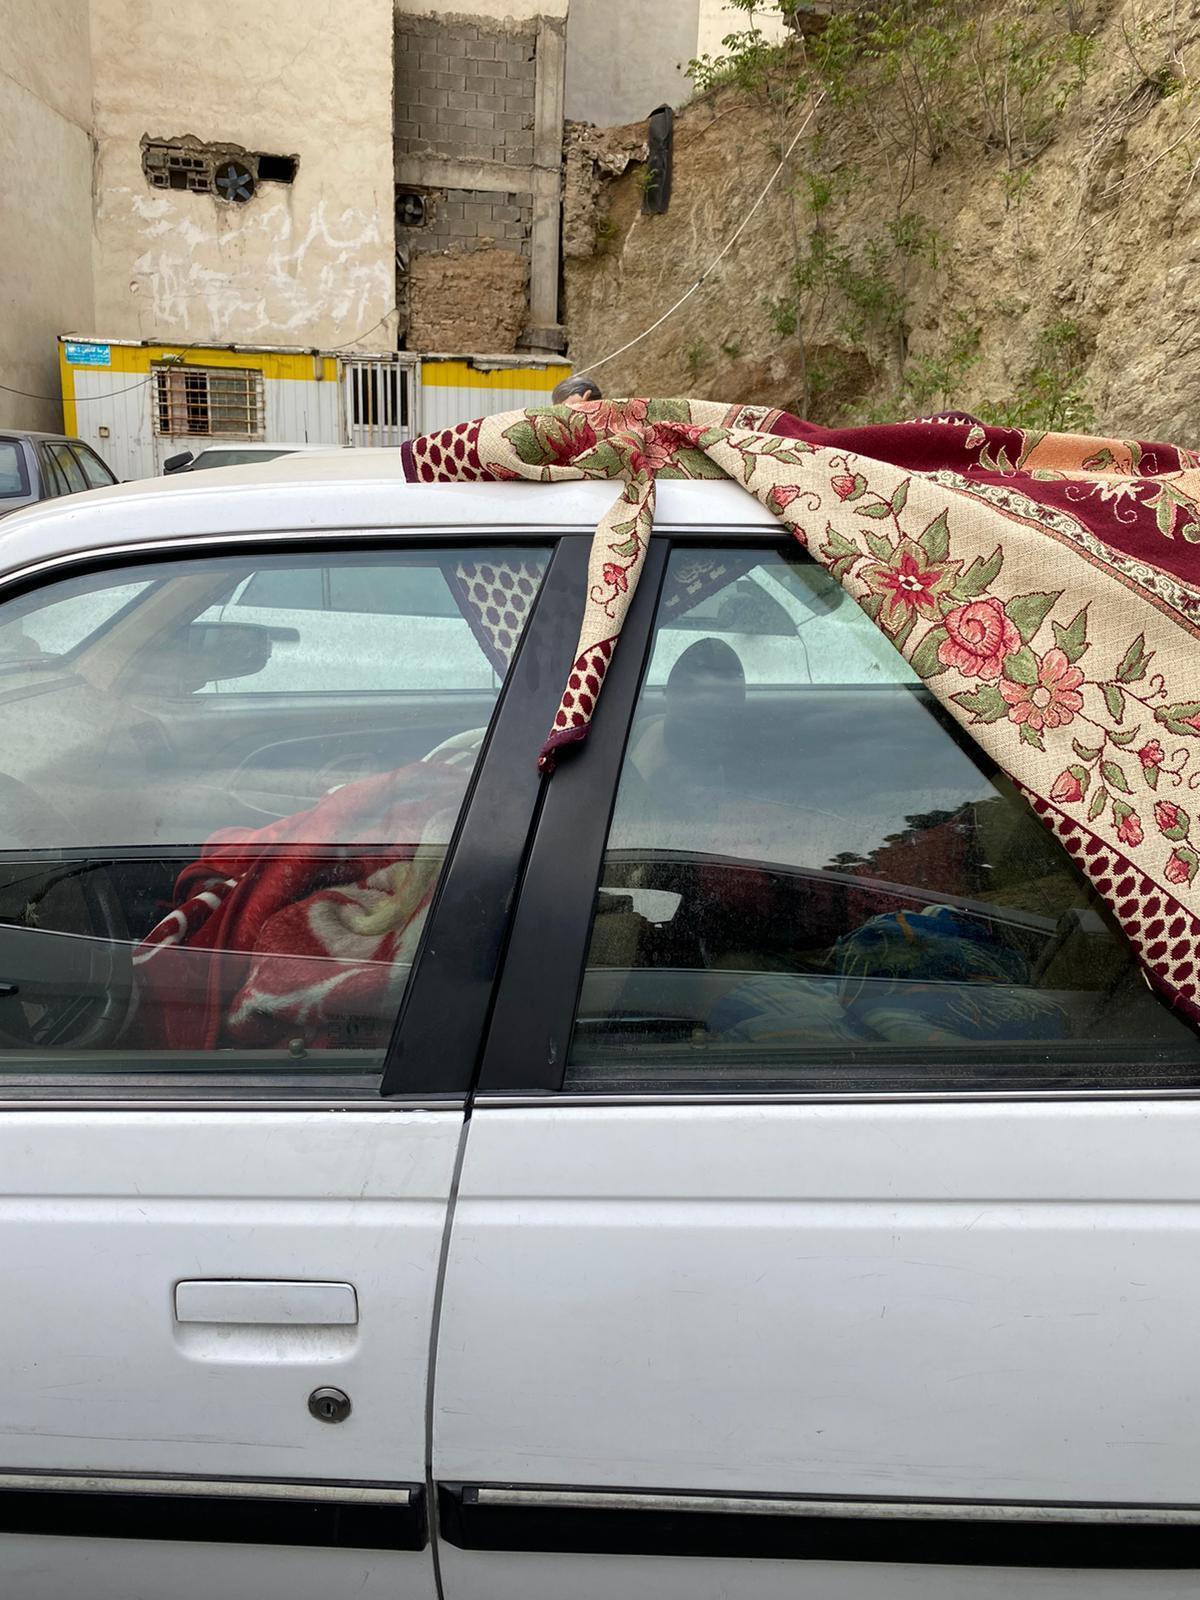 Devant un hôpital de Téhéran, la famille d'un patient, résidant d'une autre ville, dort dans une voiture. Photo prise par notre Observateur le 17 avril 2021.